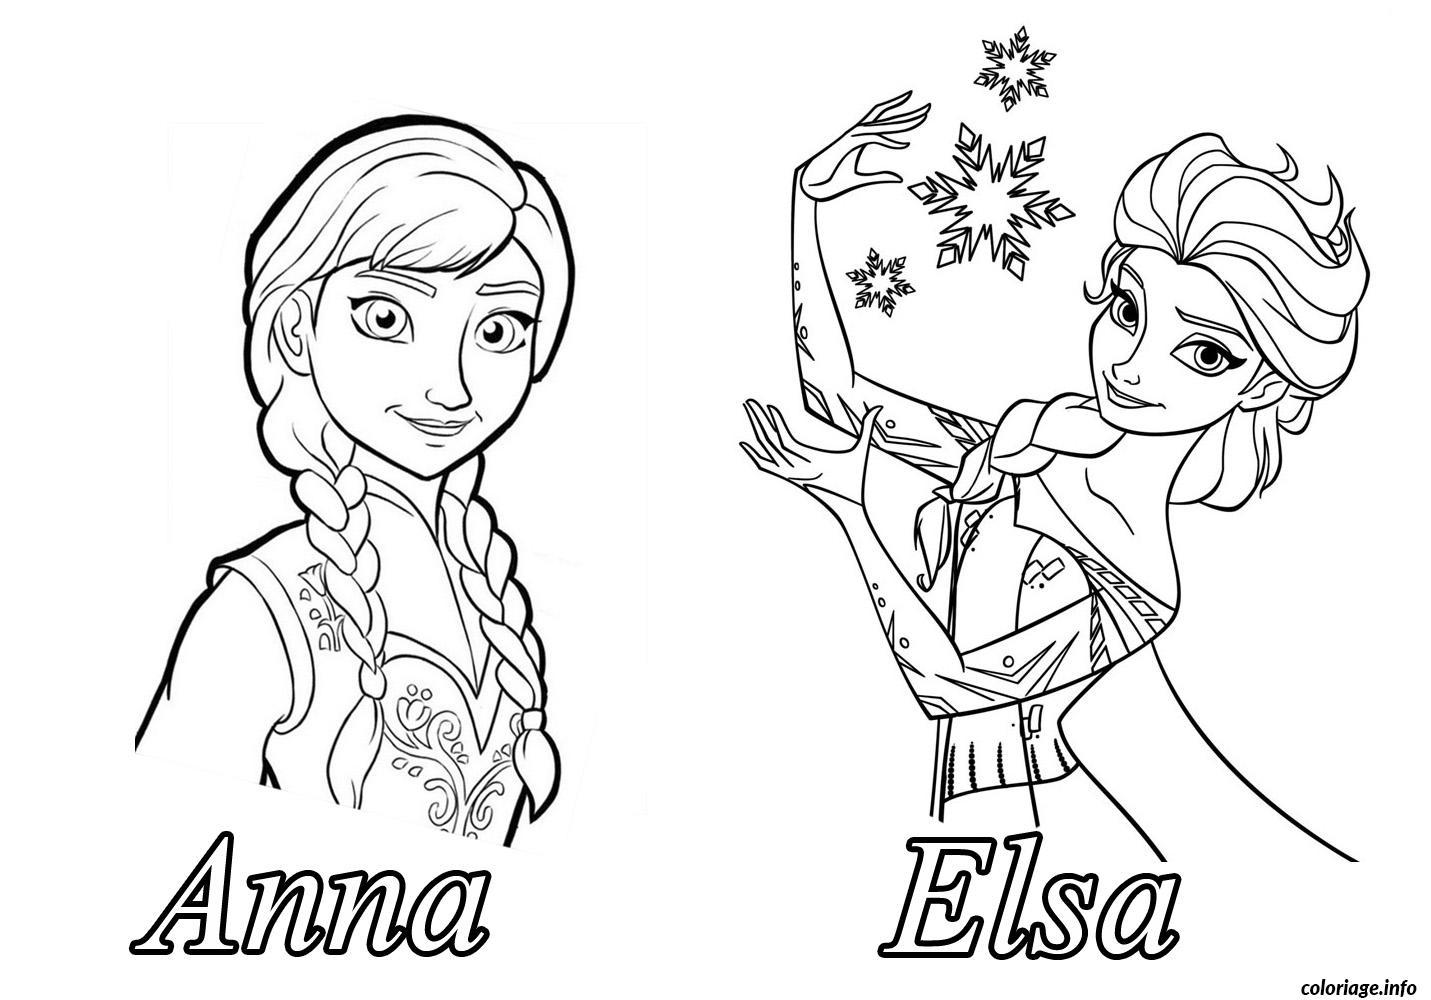 Coloriage reine des neiges anna elsa dessin - Coloriage princesse des neiges ...